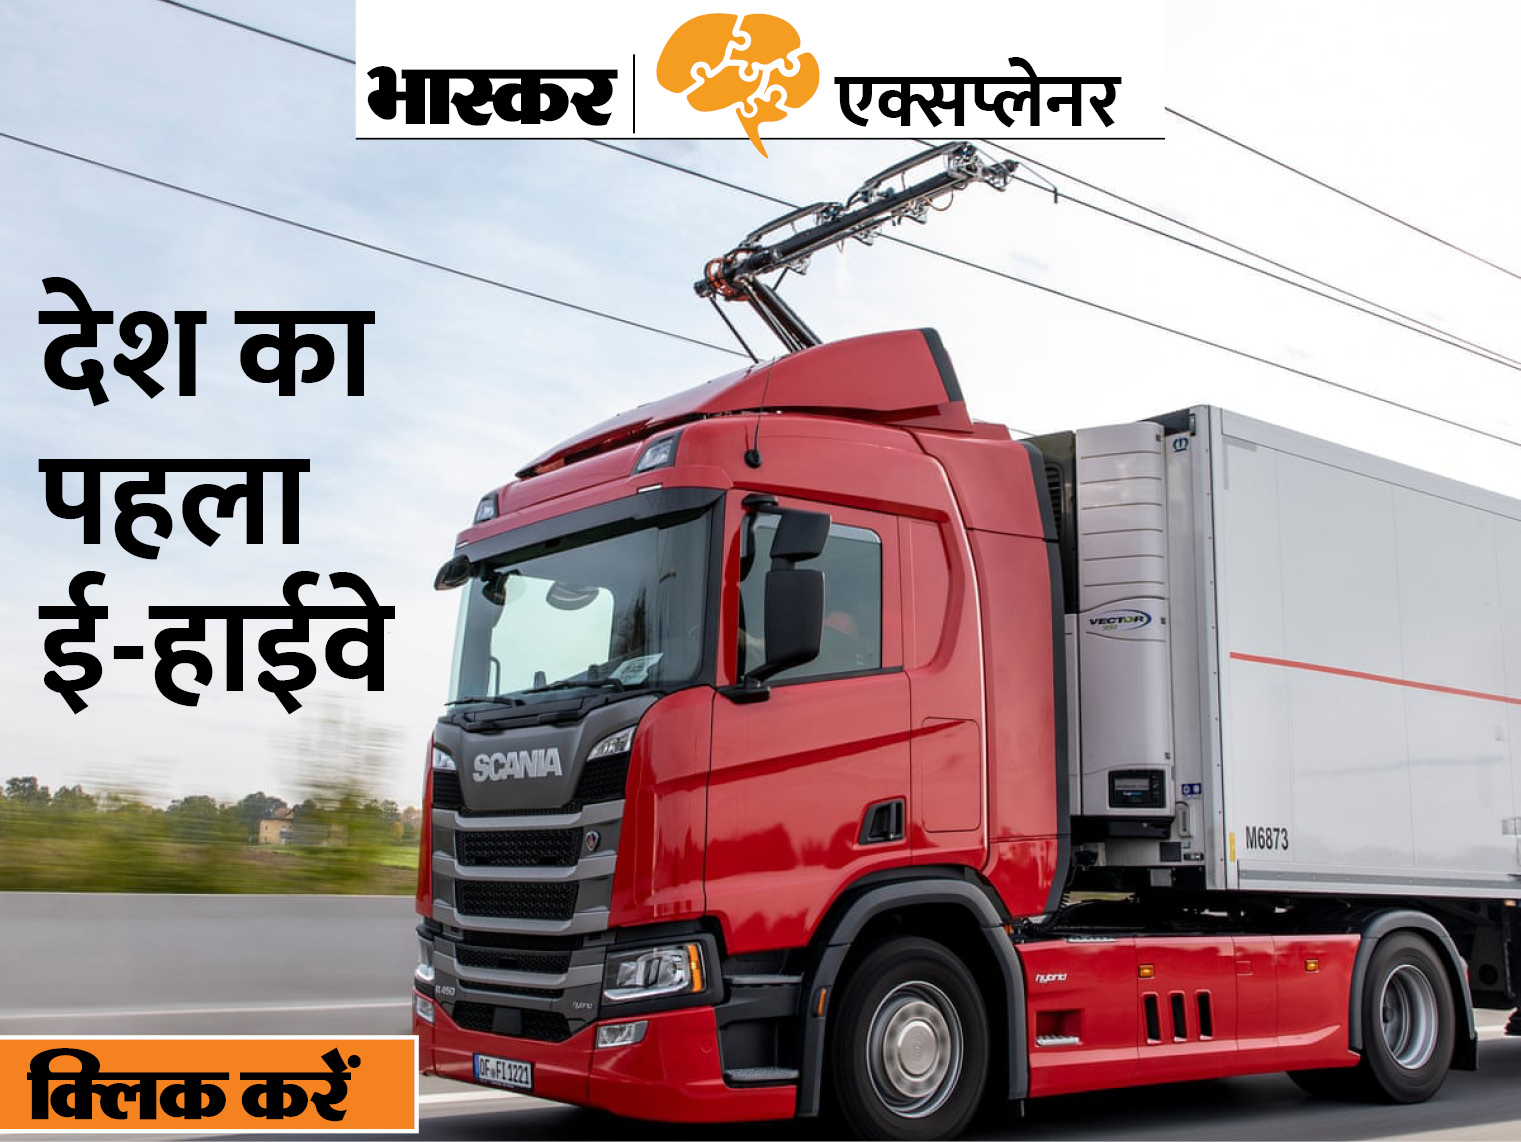 देश को मिलेगा 200 किलोमीटर लंबा पहला इलेक्ट्रिक हाईवे, जानिए इस पर वाहन कैसे चलते हैं? और आपको इससे क्या फायदा होगा? एक्सप्लेनर,Explainer - Dainik Bhaskar